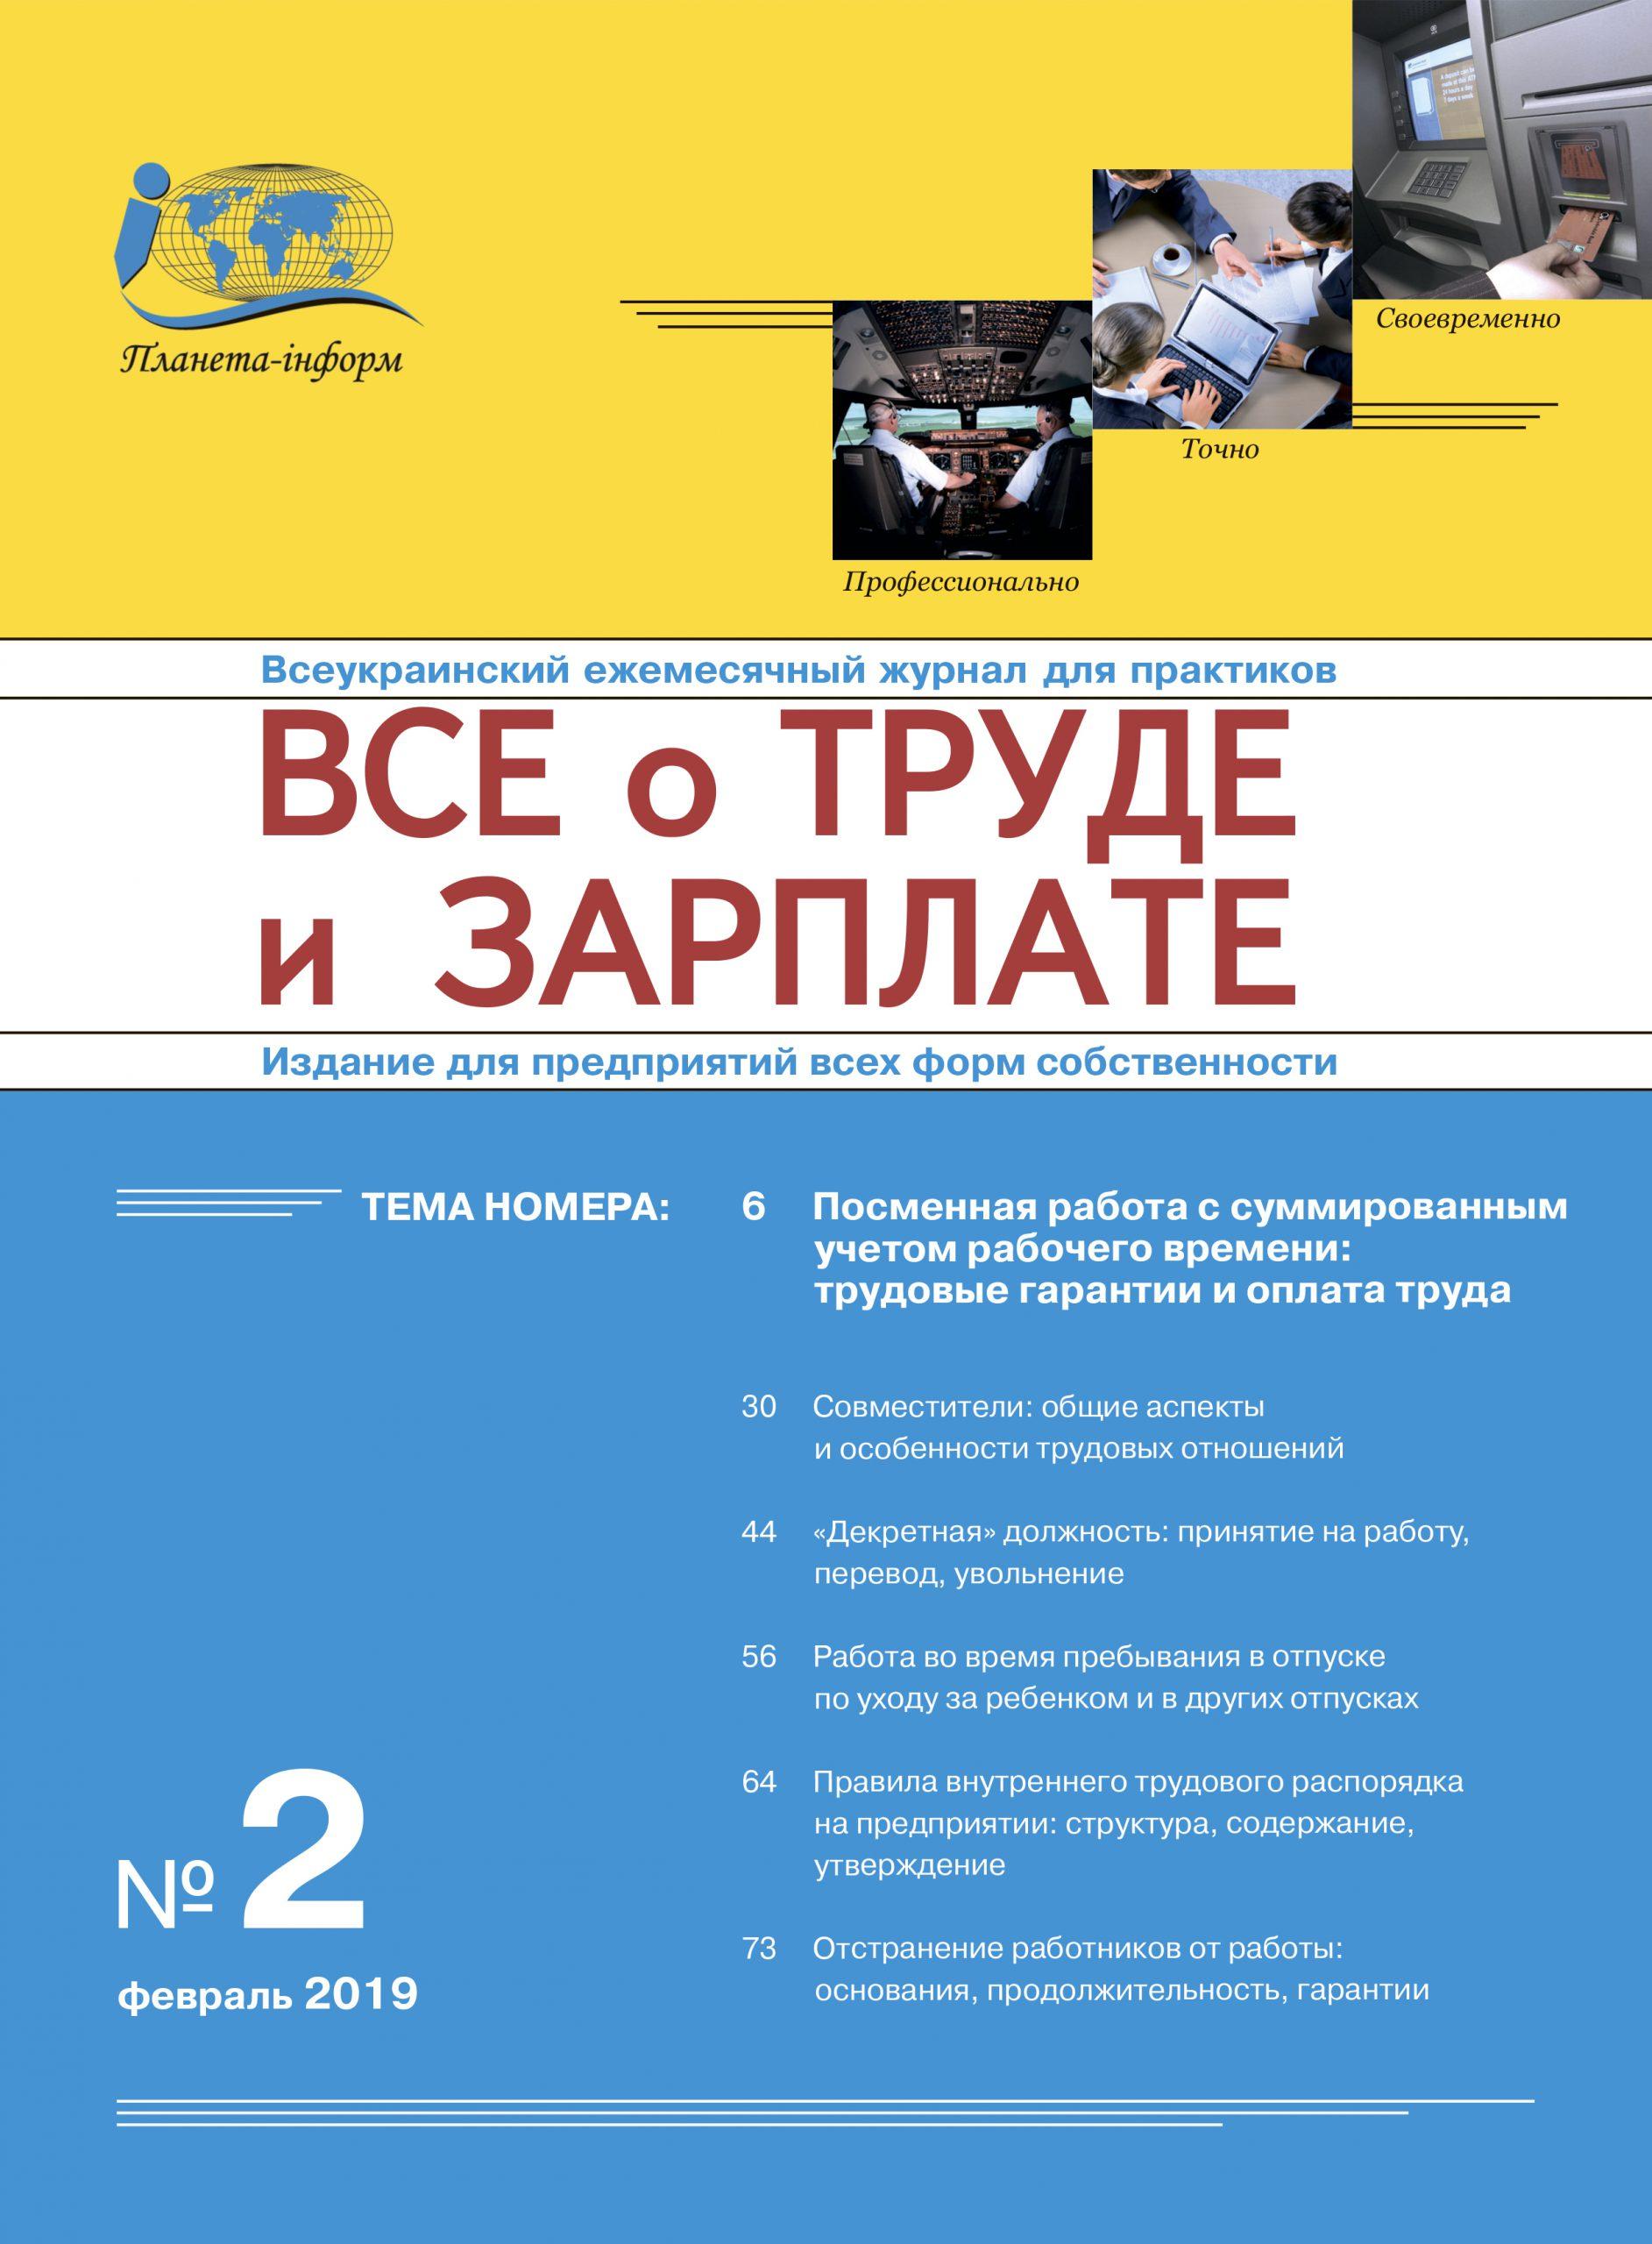 Журнал Все о труде и зарплате № 2/2019